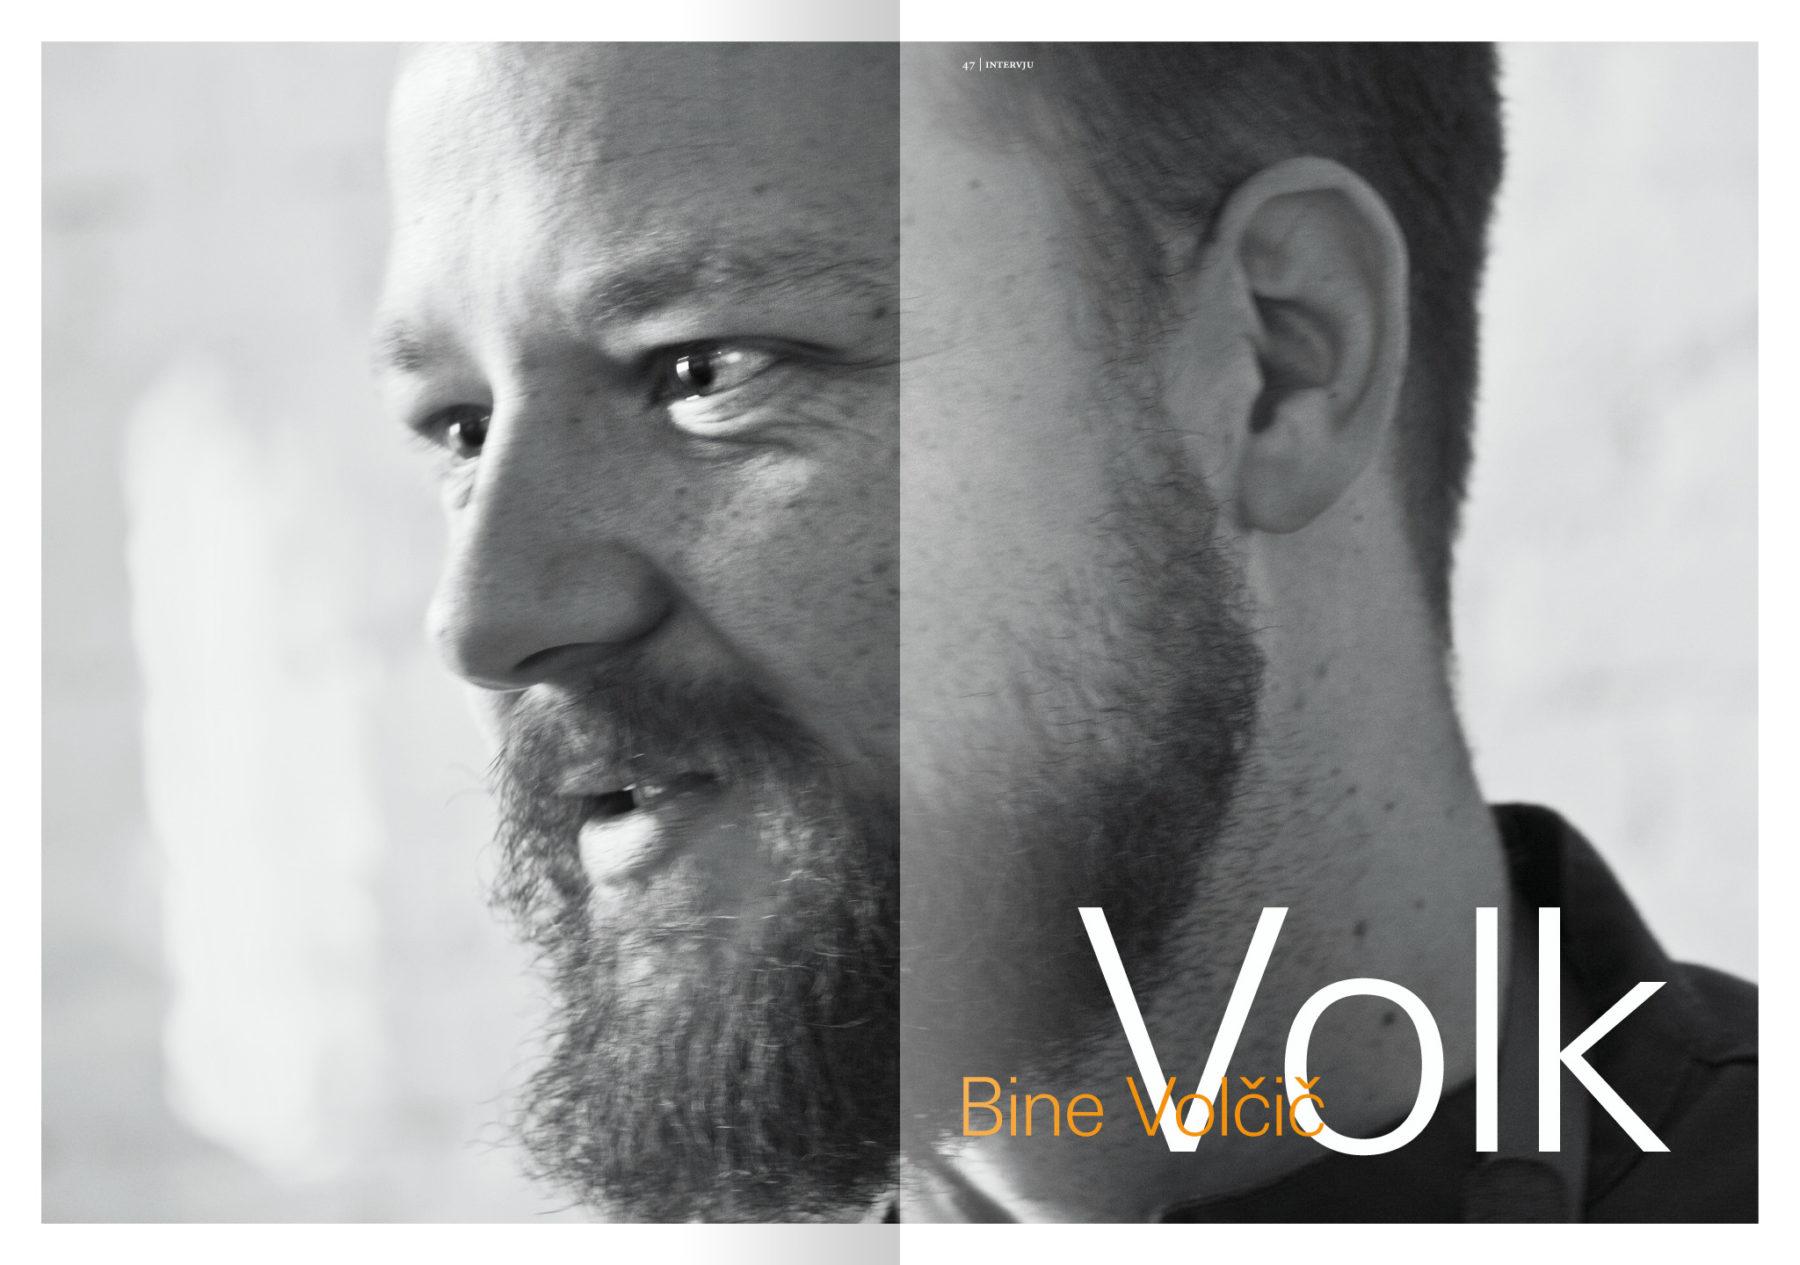 Revija Vino, zima 2016 strani 46 in 47 – uvodne strani članka Volk (intervju z Binetom Volčičem) · Naročnik: Revija Vino · Fotografija za članek: Marijan Močivnik · 2016 ·